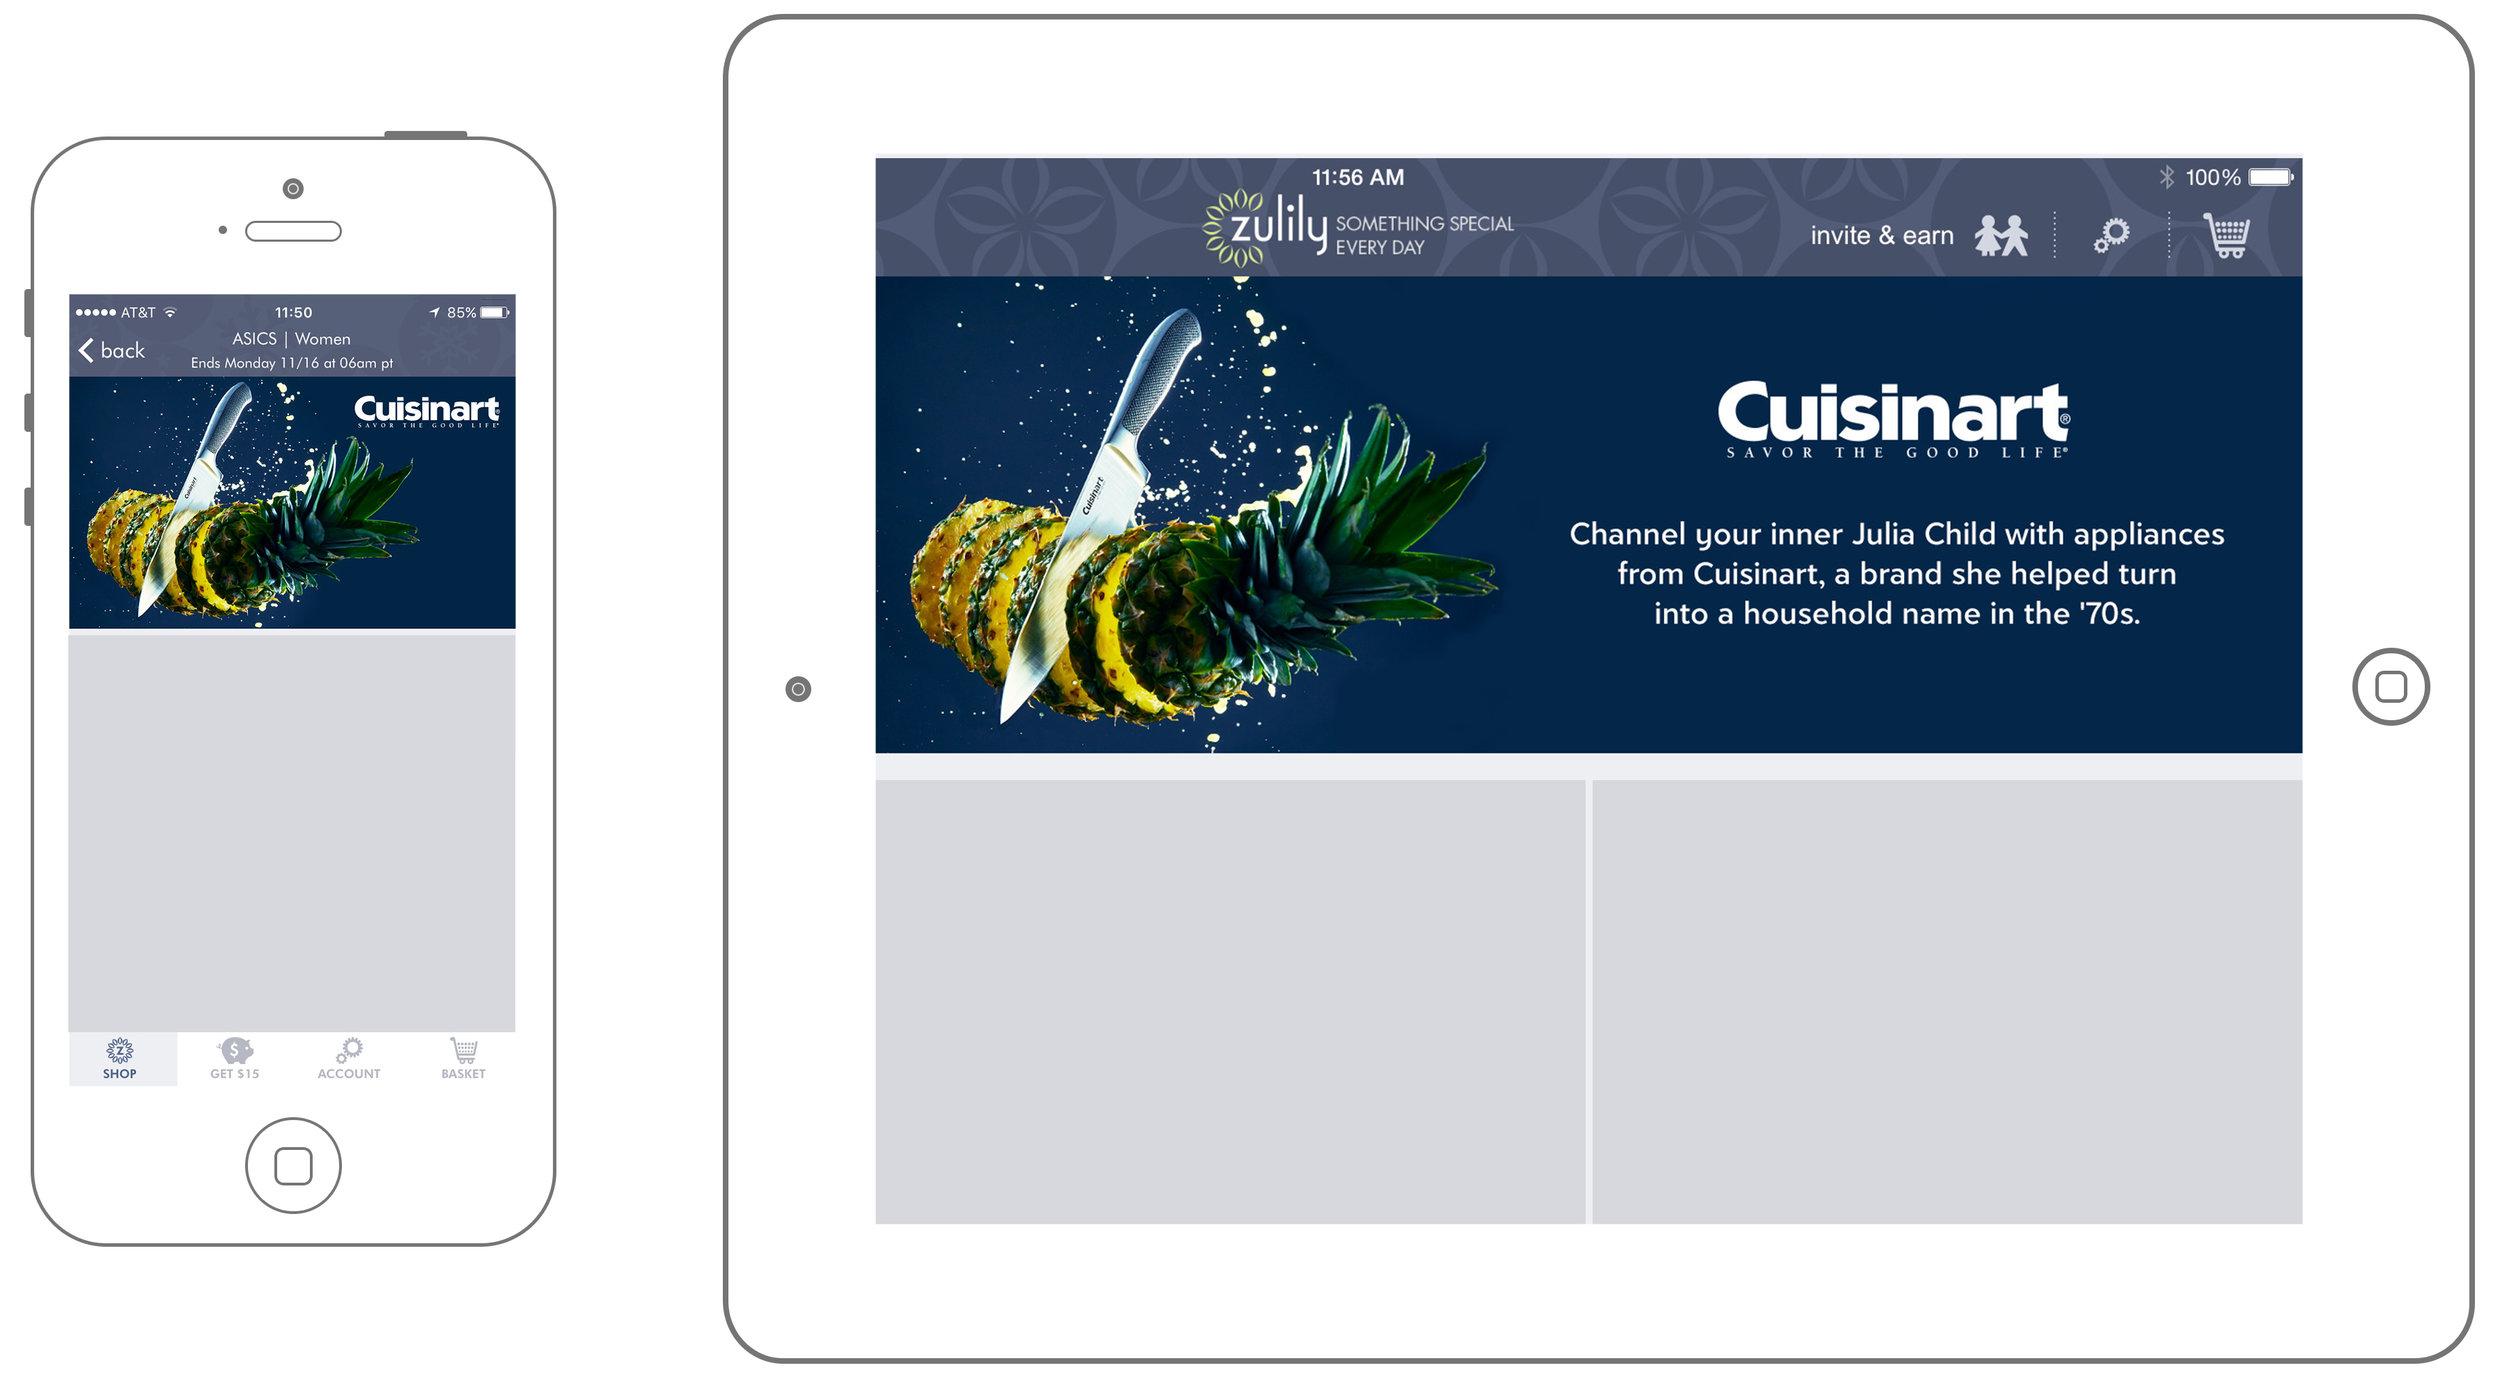 CUISINART_Mobile_Template.jpg